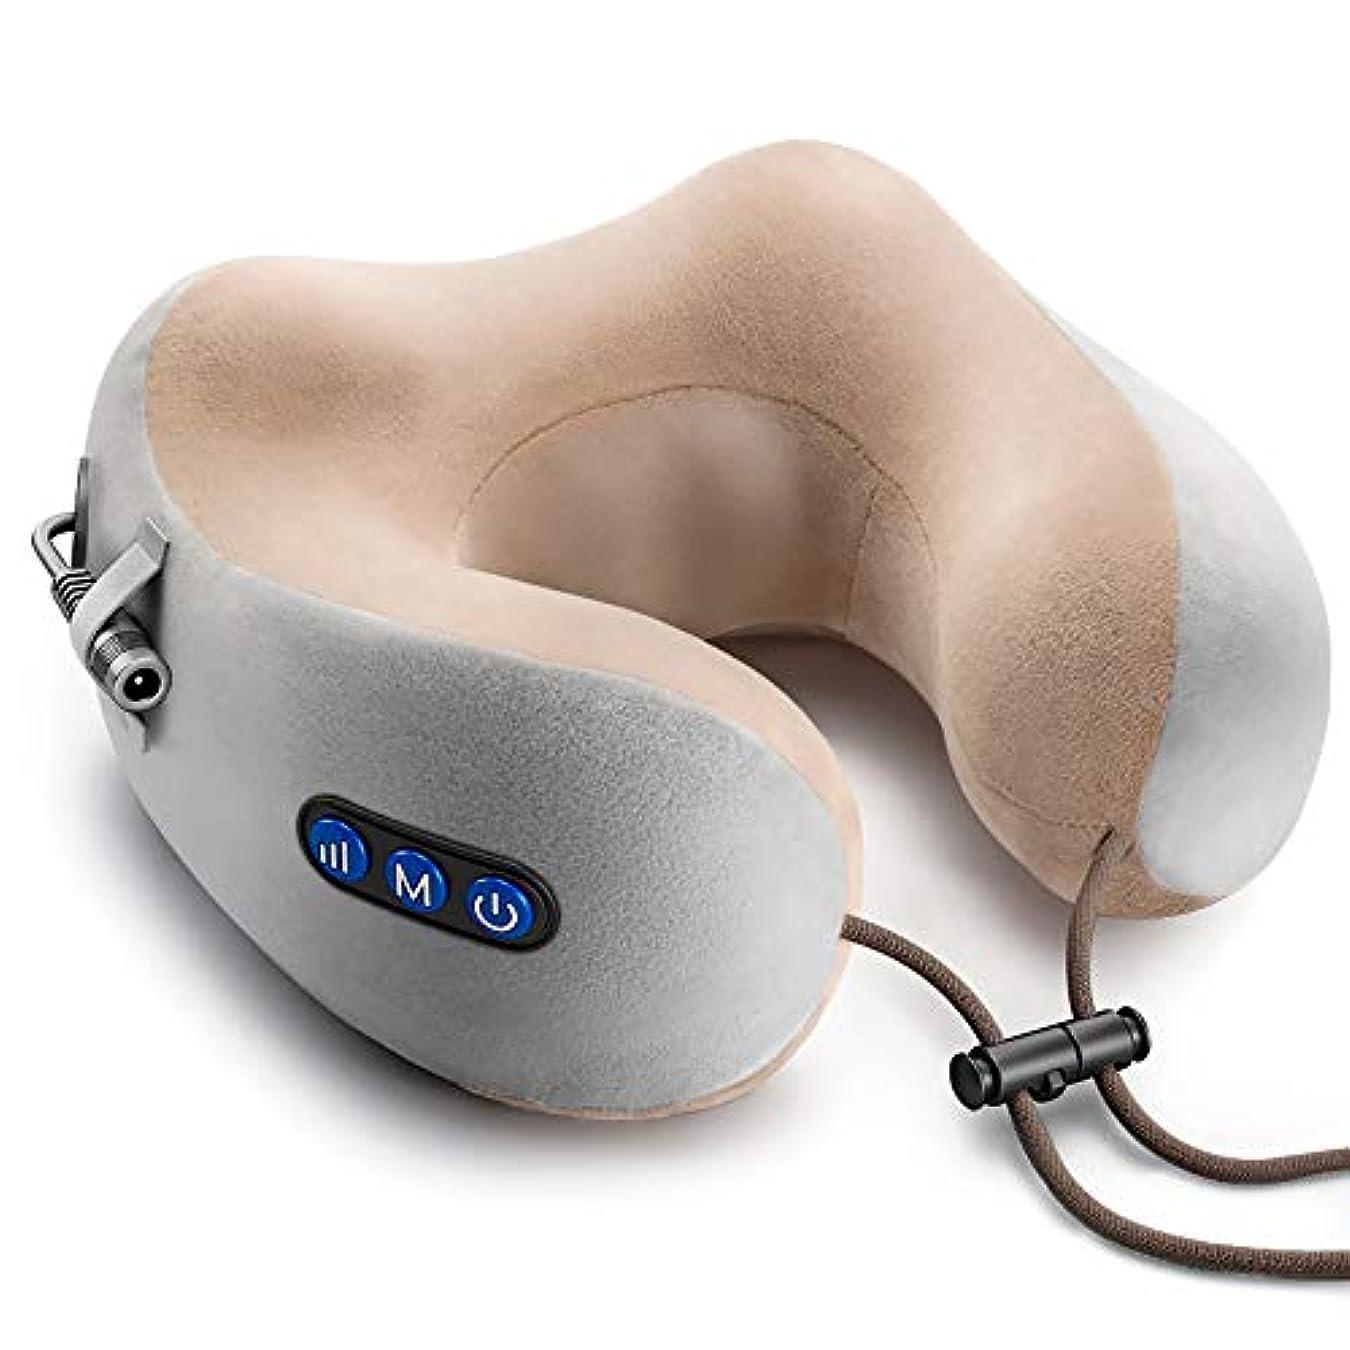 温室受信機革新首マッサージャー ネックマッサージャー U型 USB充電式 3モード 低反発ネックマッサージピロー 自動オフ機能 肩こり ストレス解消 多機能 人間工学 日本語取扱説明書付 プレゼント